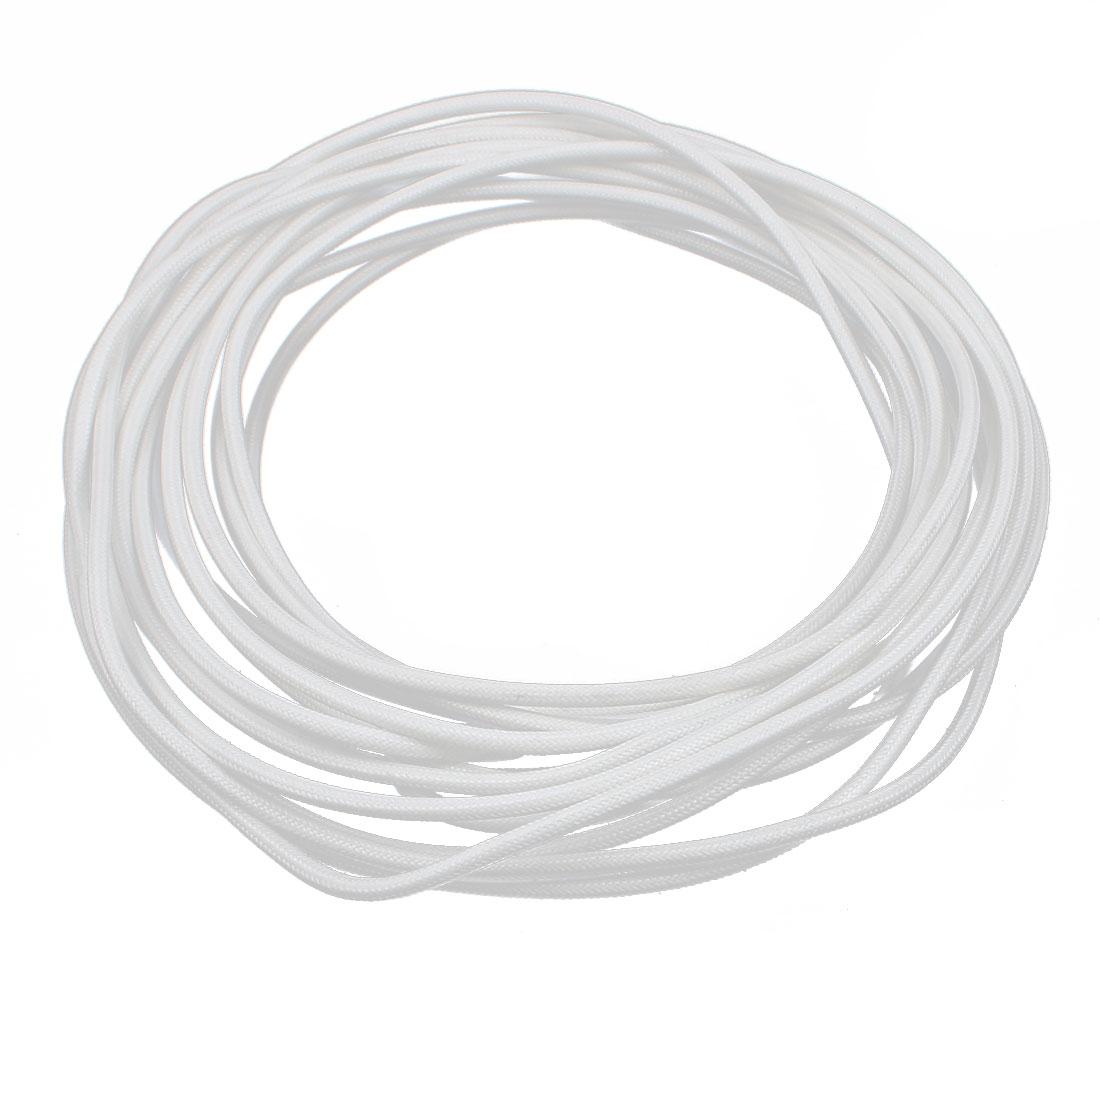 8M 2.5mm2 Electric Copper Core Flexible Silicone Wire Cable White